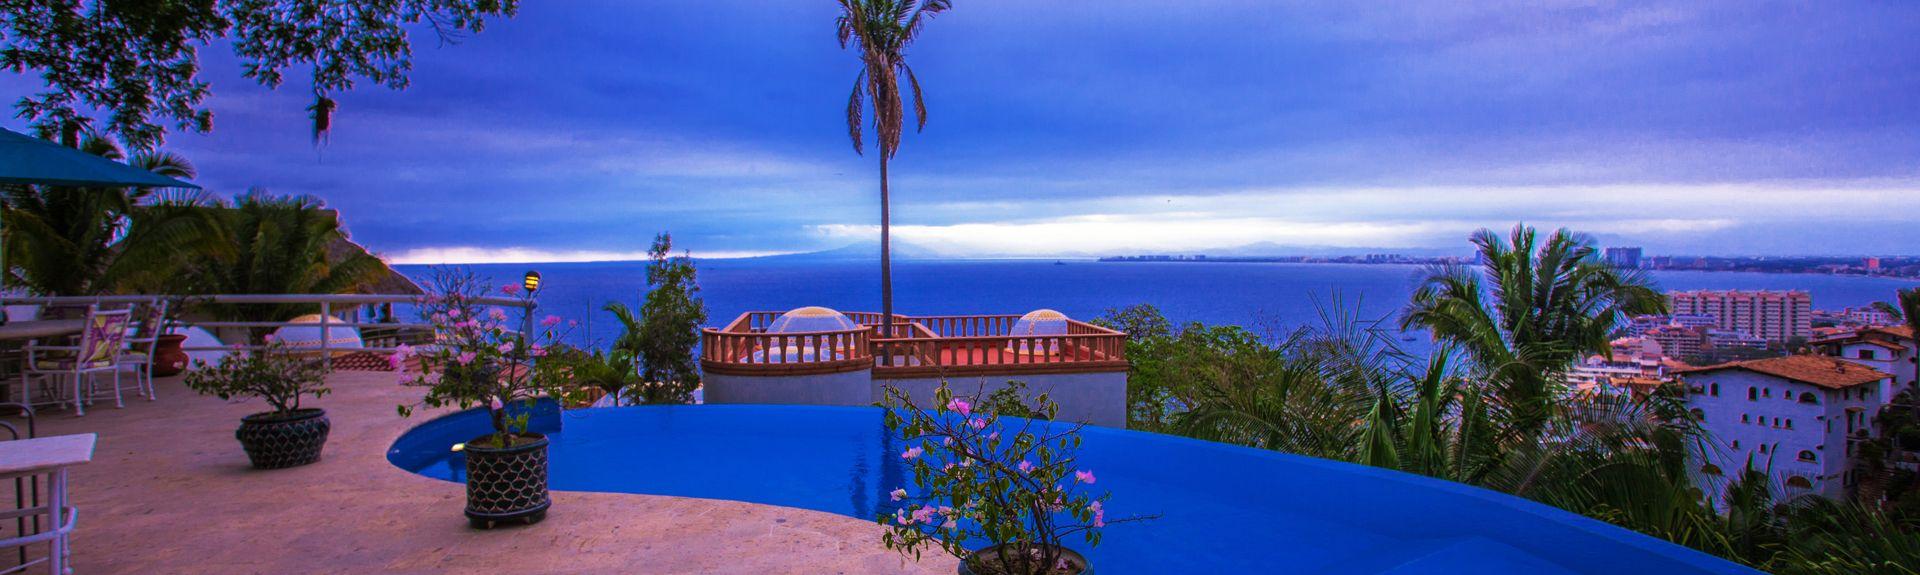 Playa Bucerías, Bucerias, Nayarit, México